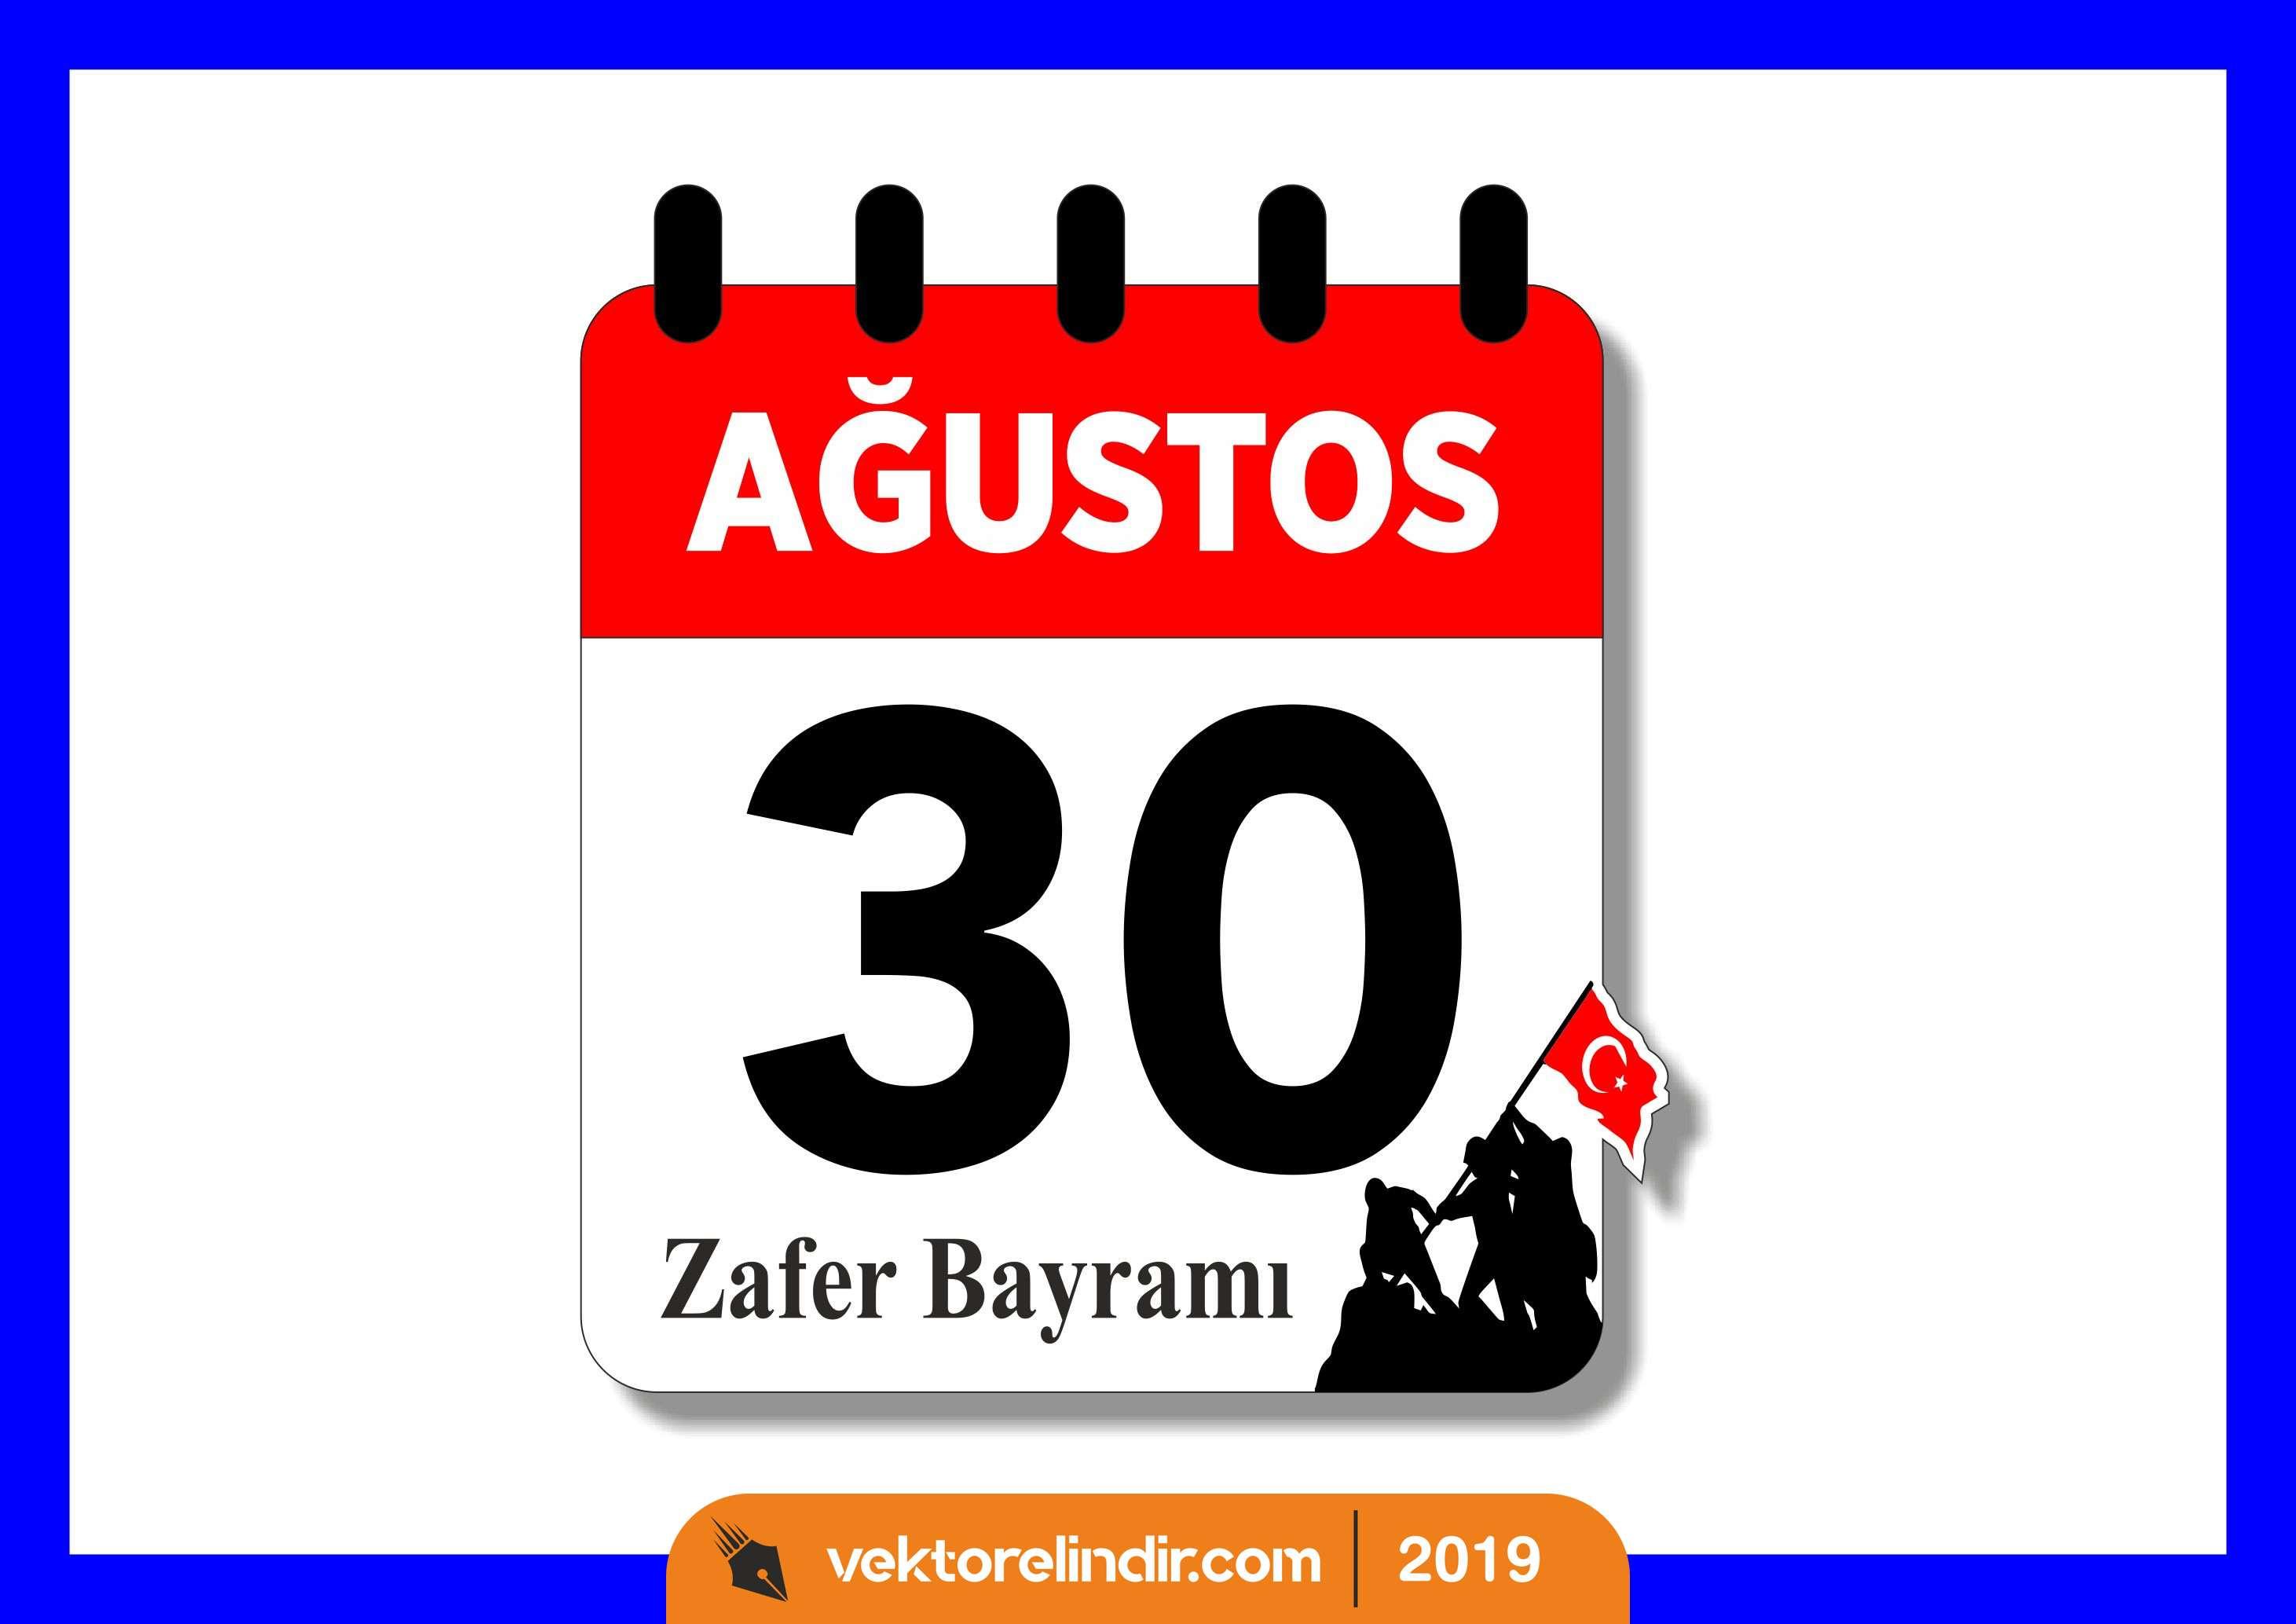 30 Ağustos Zafer Bayramı Vektörel, Takvim